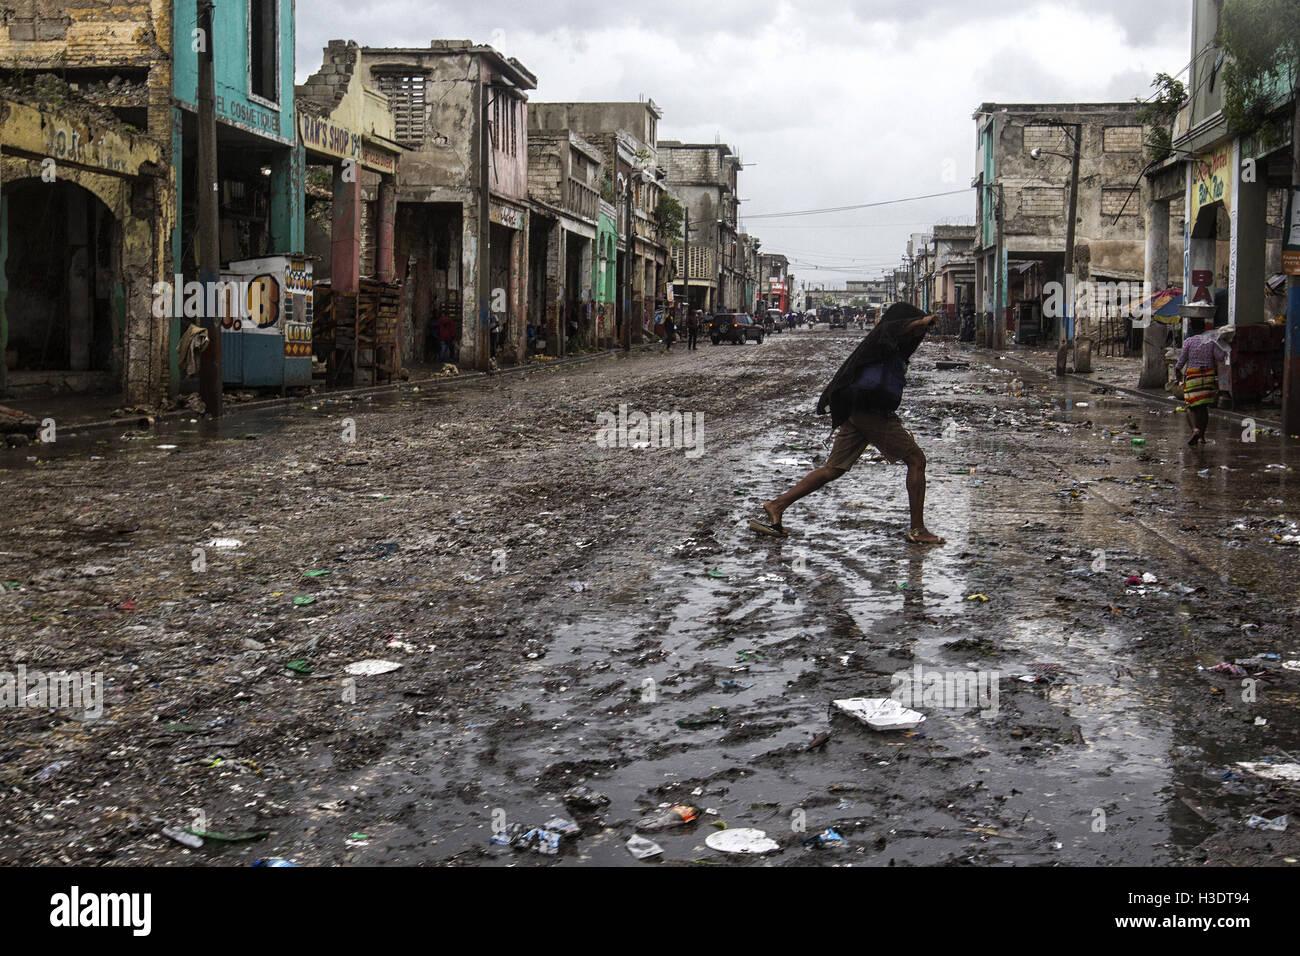 (161006) - PORT-AU-PRINCE, el 6 de octubre de 2016 (Xinhua) -- la imagen proporcionada por el Fondo de las Naciones Imagen De Stock